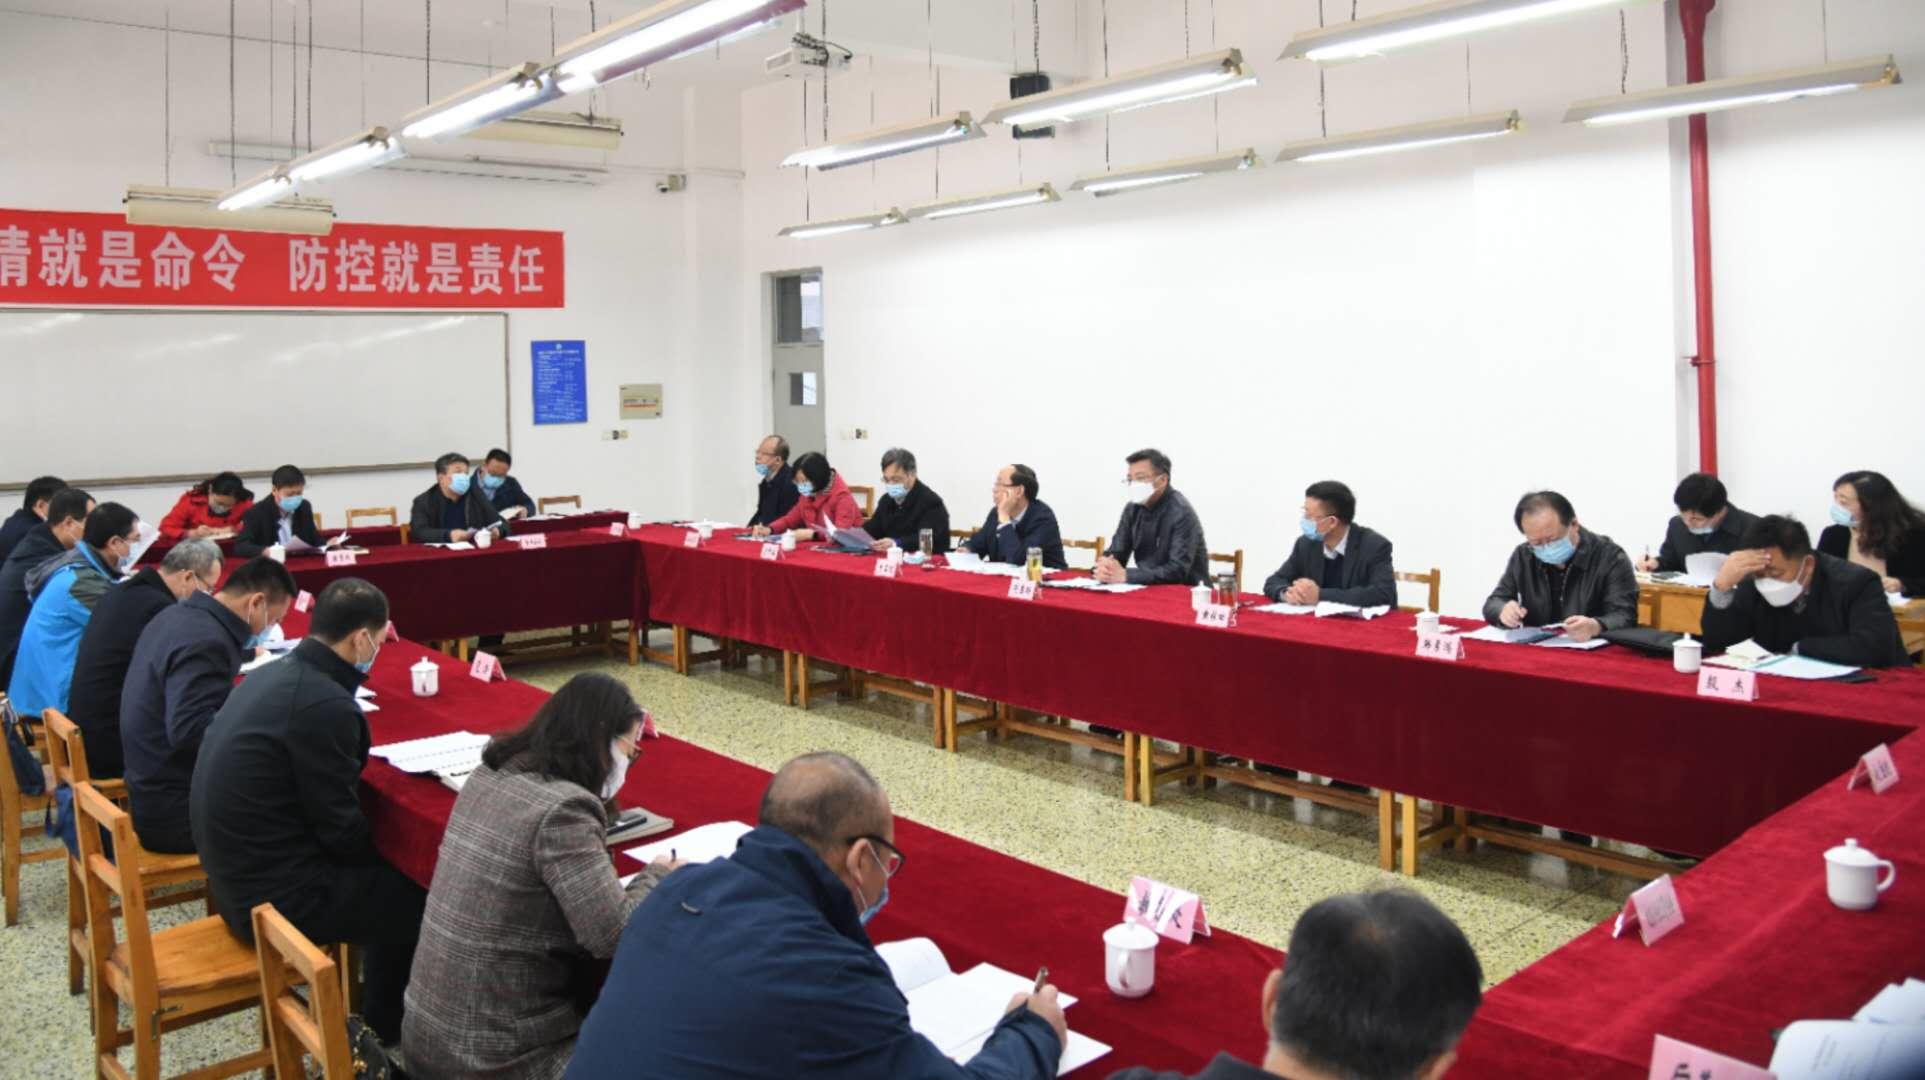 学校疫情防控工作领导小组召开第十七次工作会议